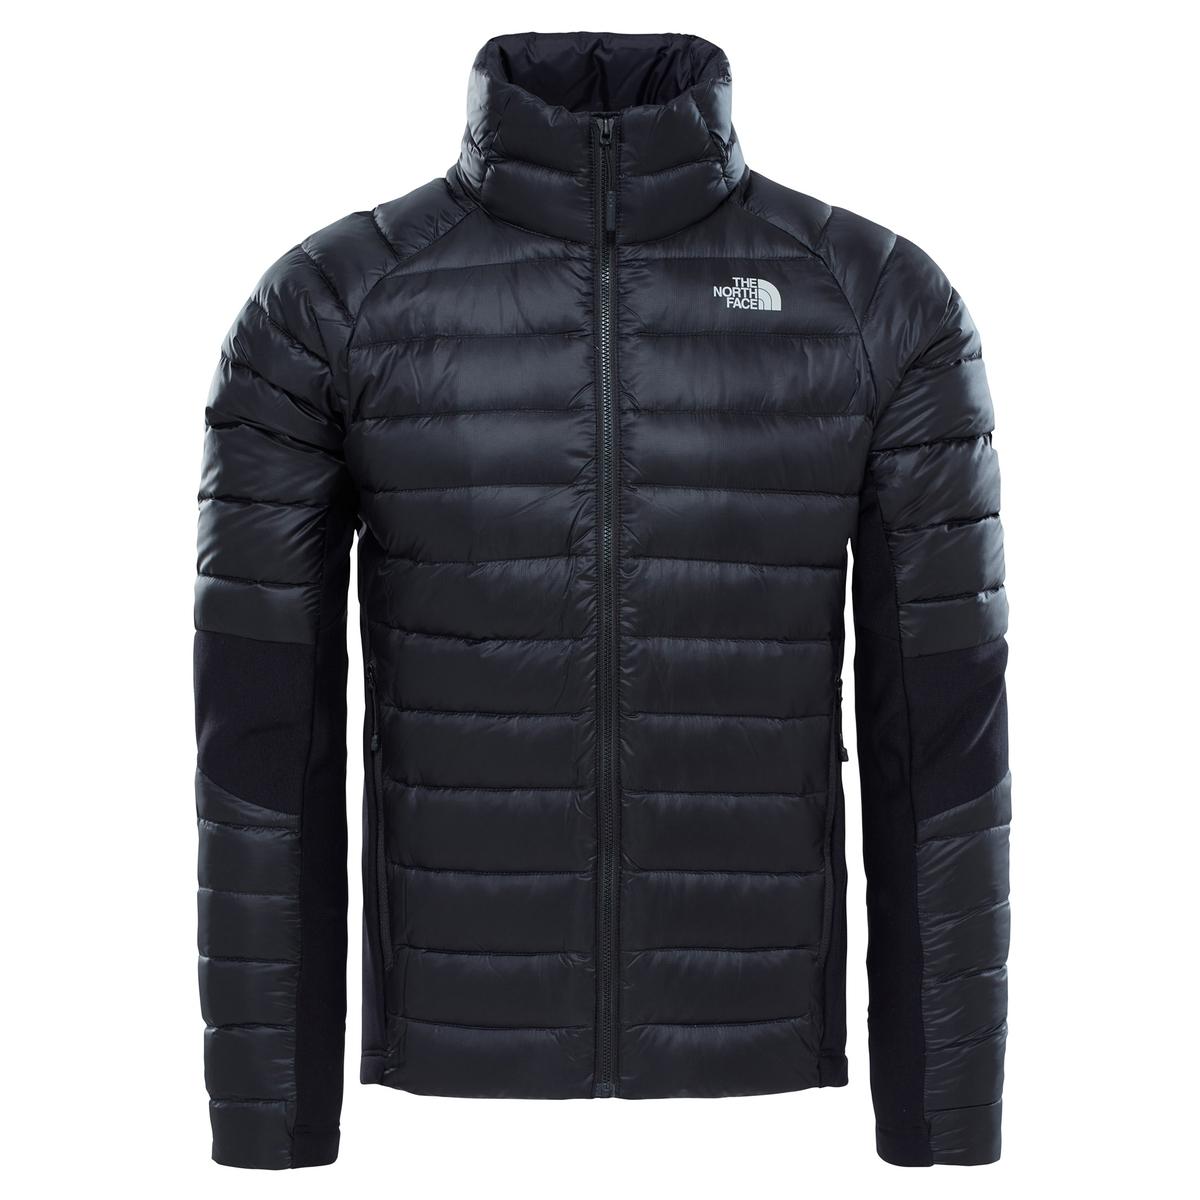 Куртка стеганаяДетали •  Длина : укороченная   •  Воротник-стойка •  Застежка на молниюСостав и уход •  100% полиамид  •  Наполнитель : 100% перо •  Следуйте советам по уходу, указанным на этикетке<br><br>Цвет: черный